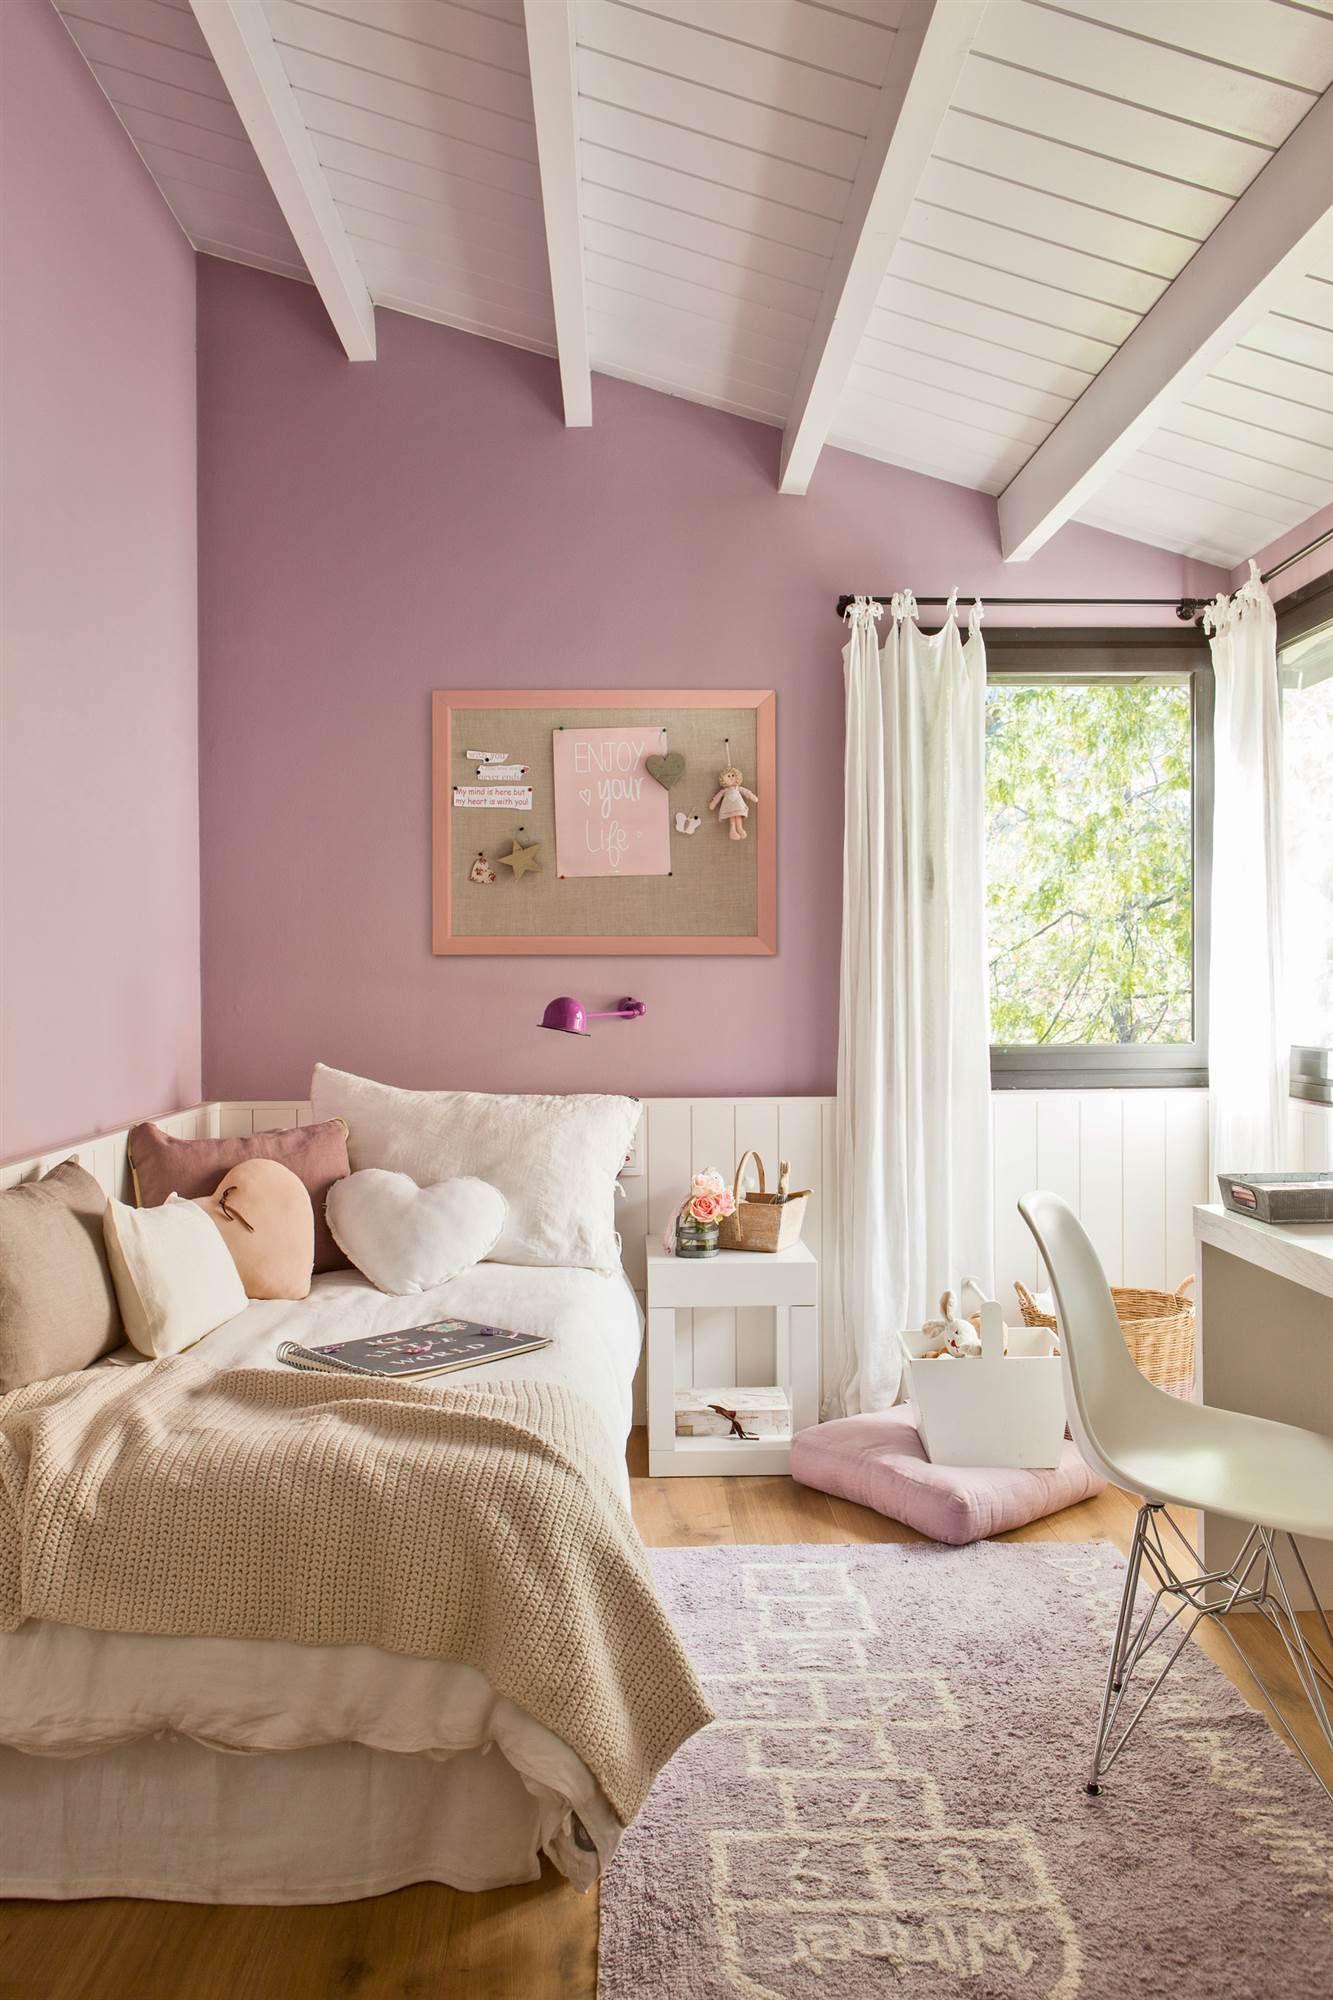 Dormitorio Infantil Con Pared Negra Y Topos Rosas In 2018 - Como-pintar-habitacion-infantil